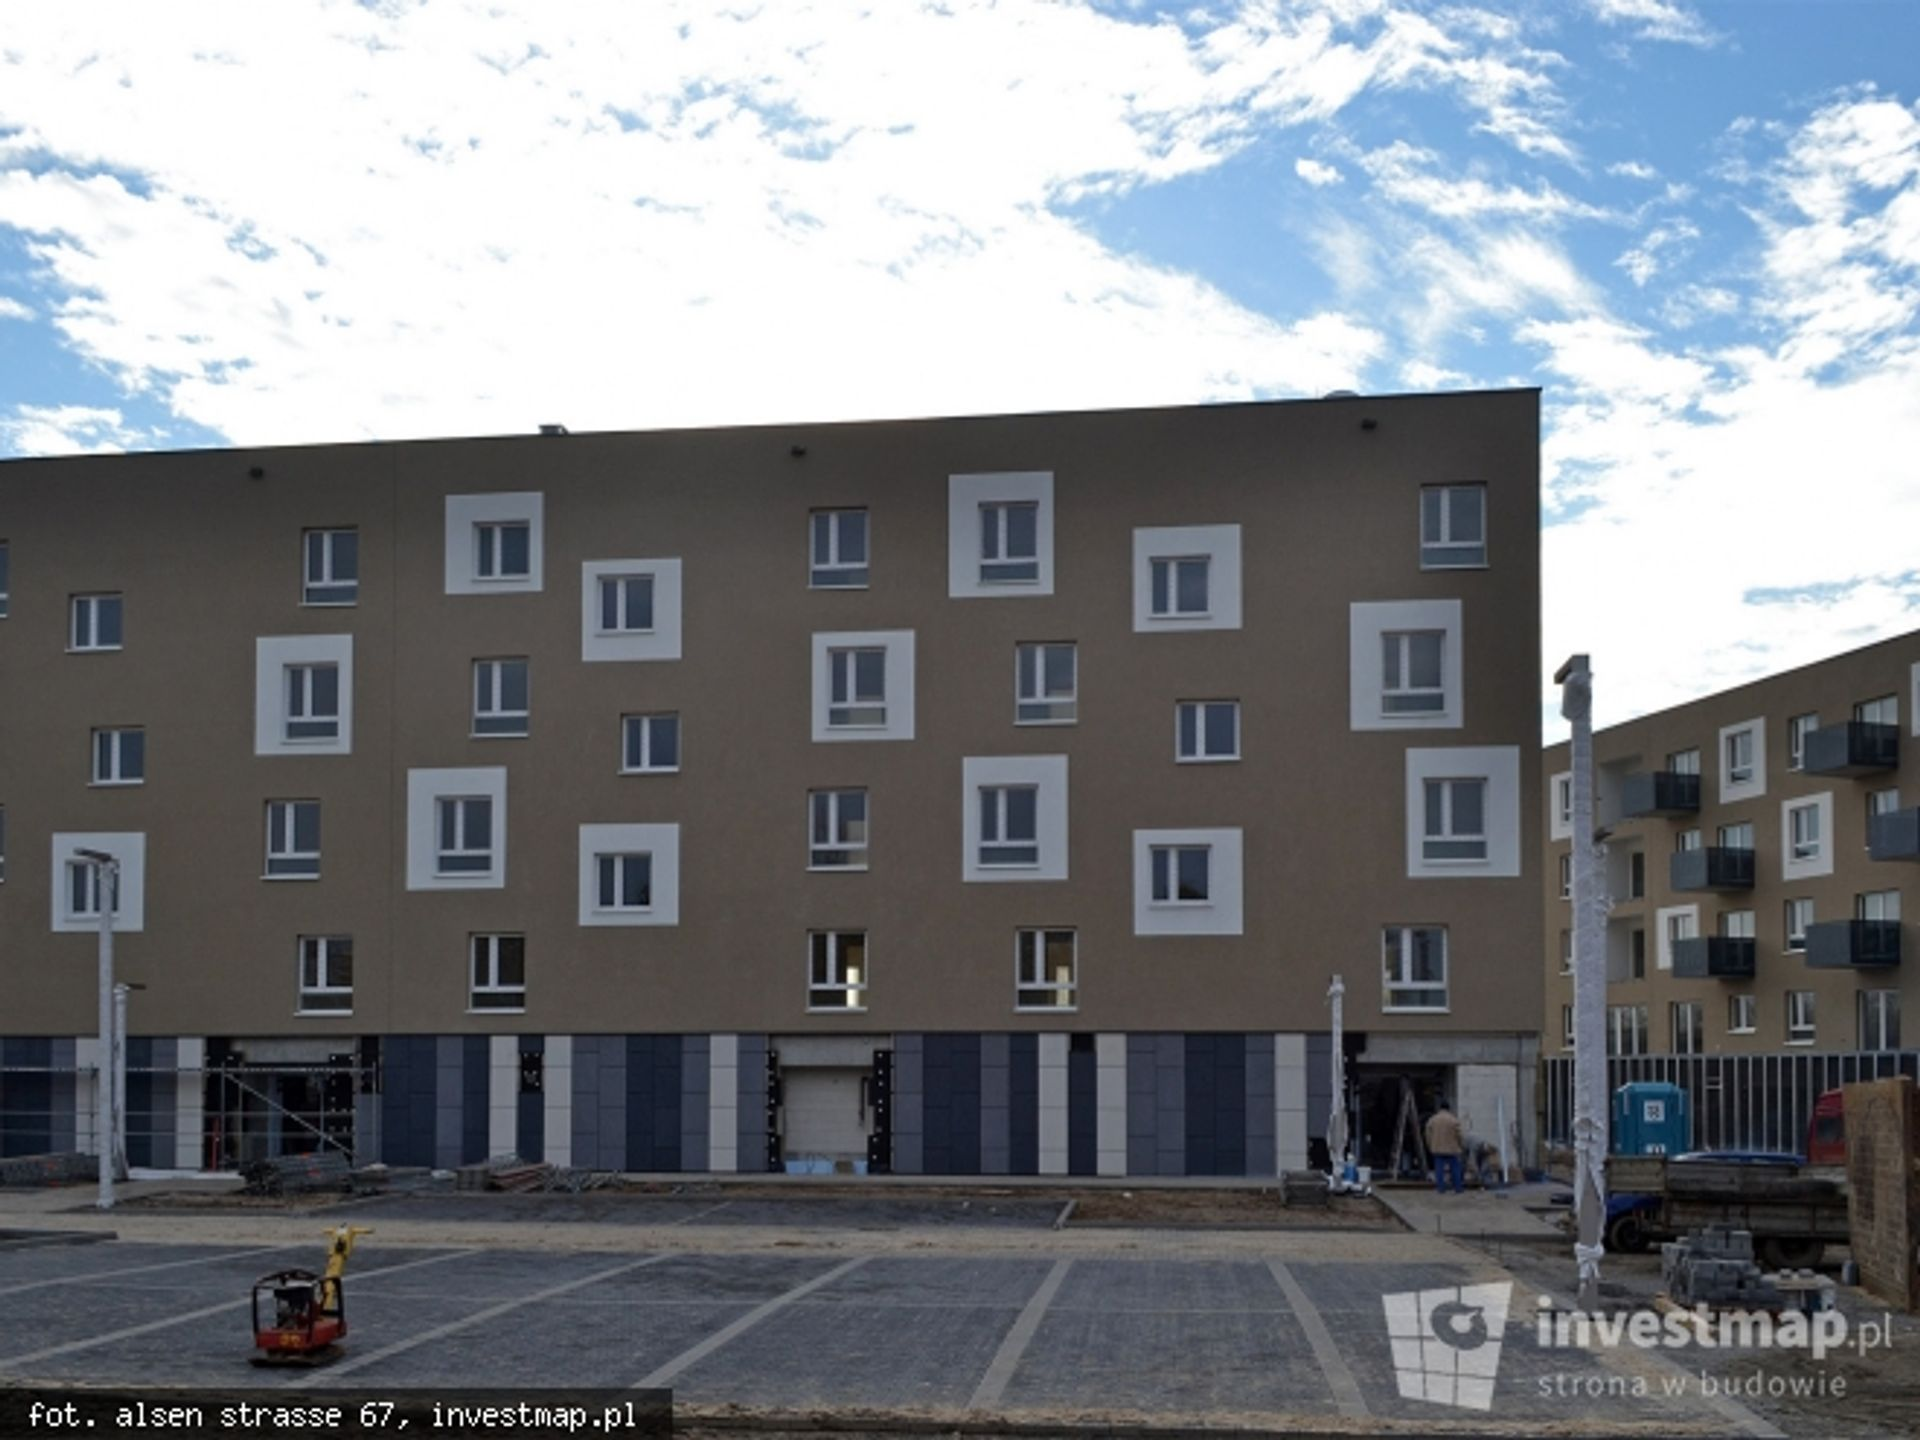 [Wrocław] Wrocławski Nowy Port z pozwoleniem na użytkowanie